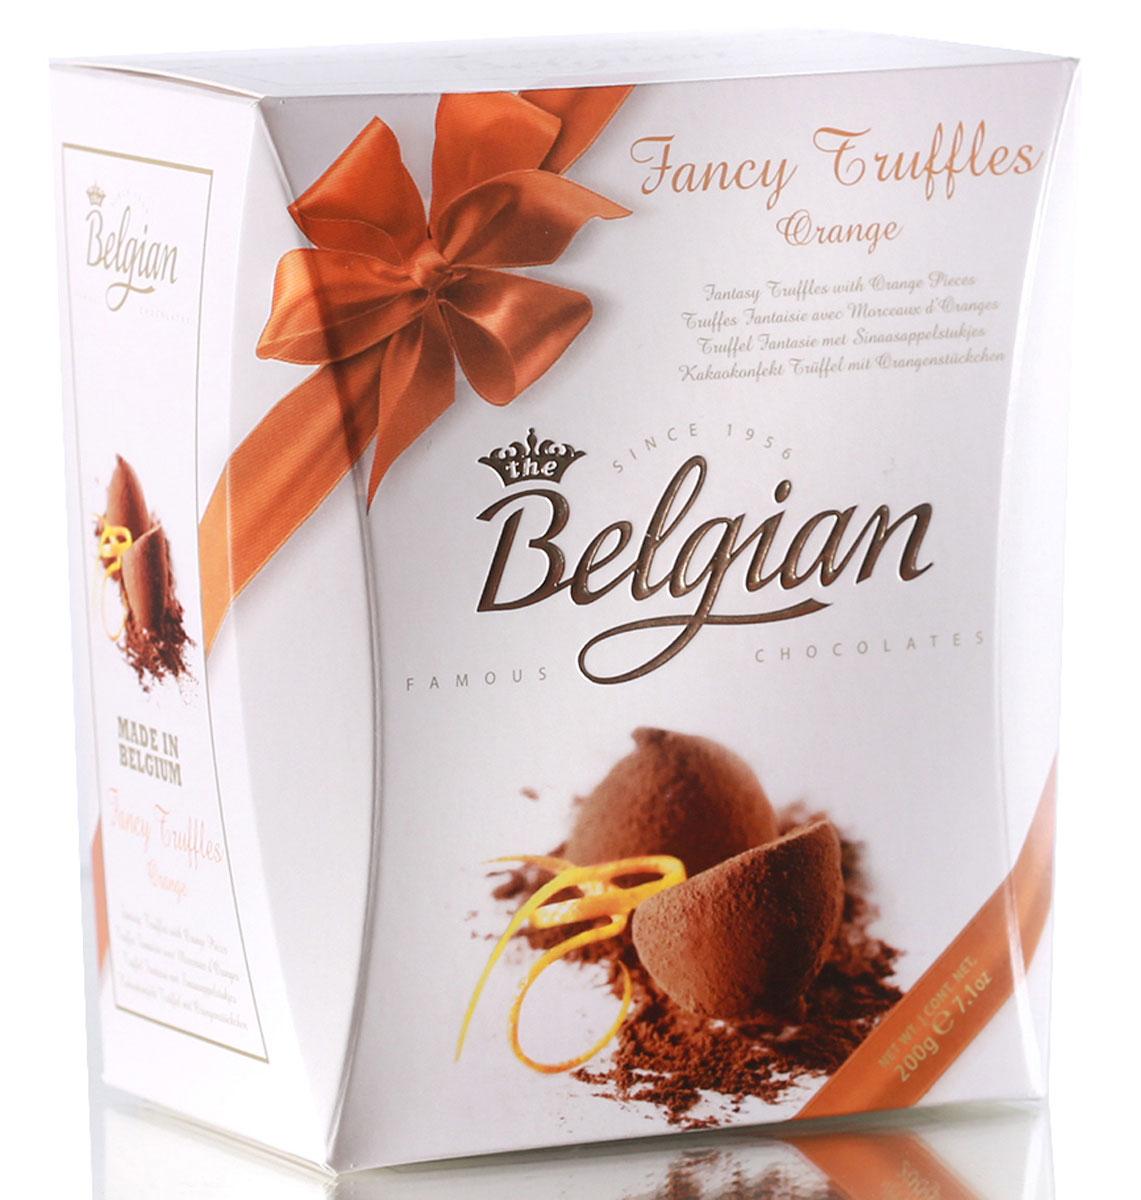 The Belgian Трюфели с кусочками апельсинов, 200 г baron французские трюфели с кусочками малины 100 г